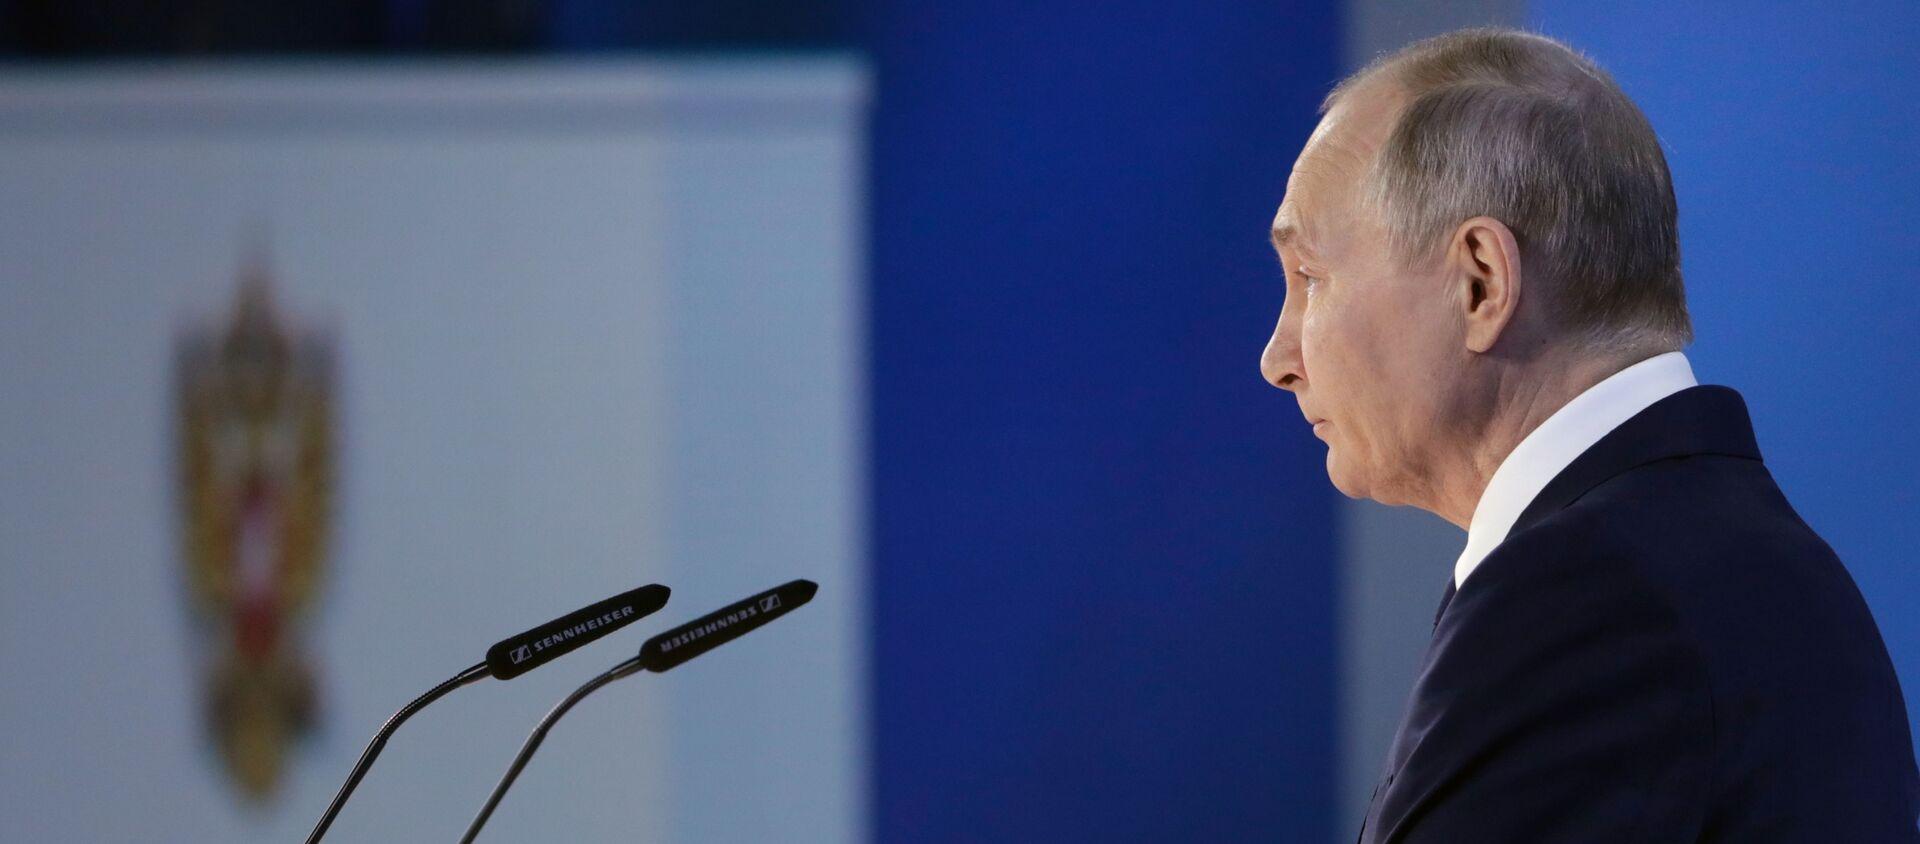 Thông điệp của Tổng thống Vladimir Putin gửi Quốc hội Liên bang - Sputnik Việt Nam, 1920, 22.04.2021